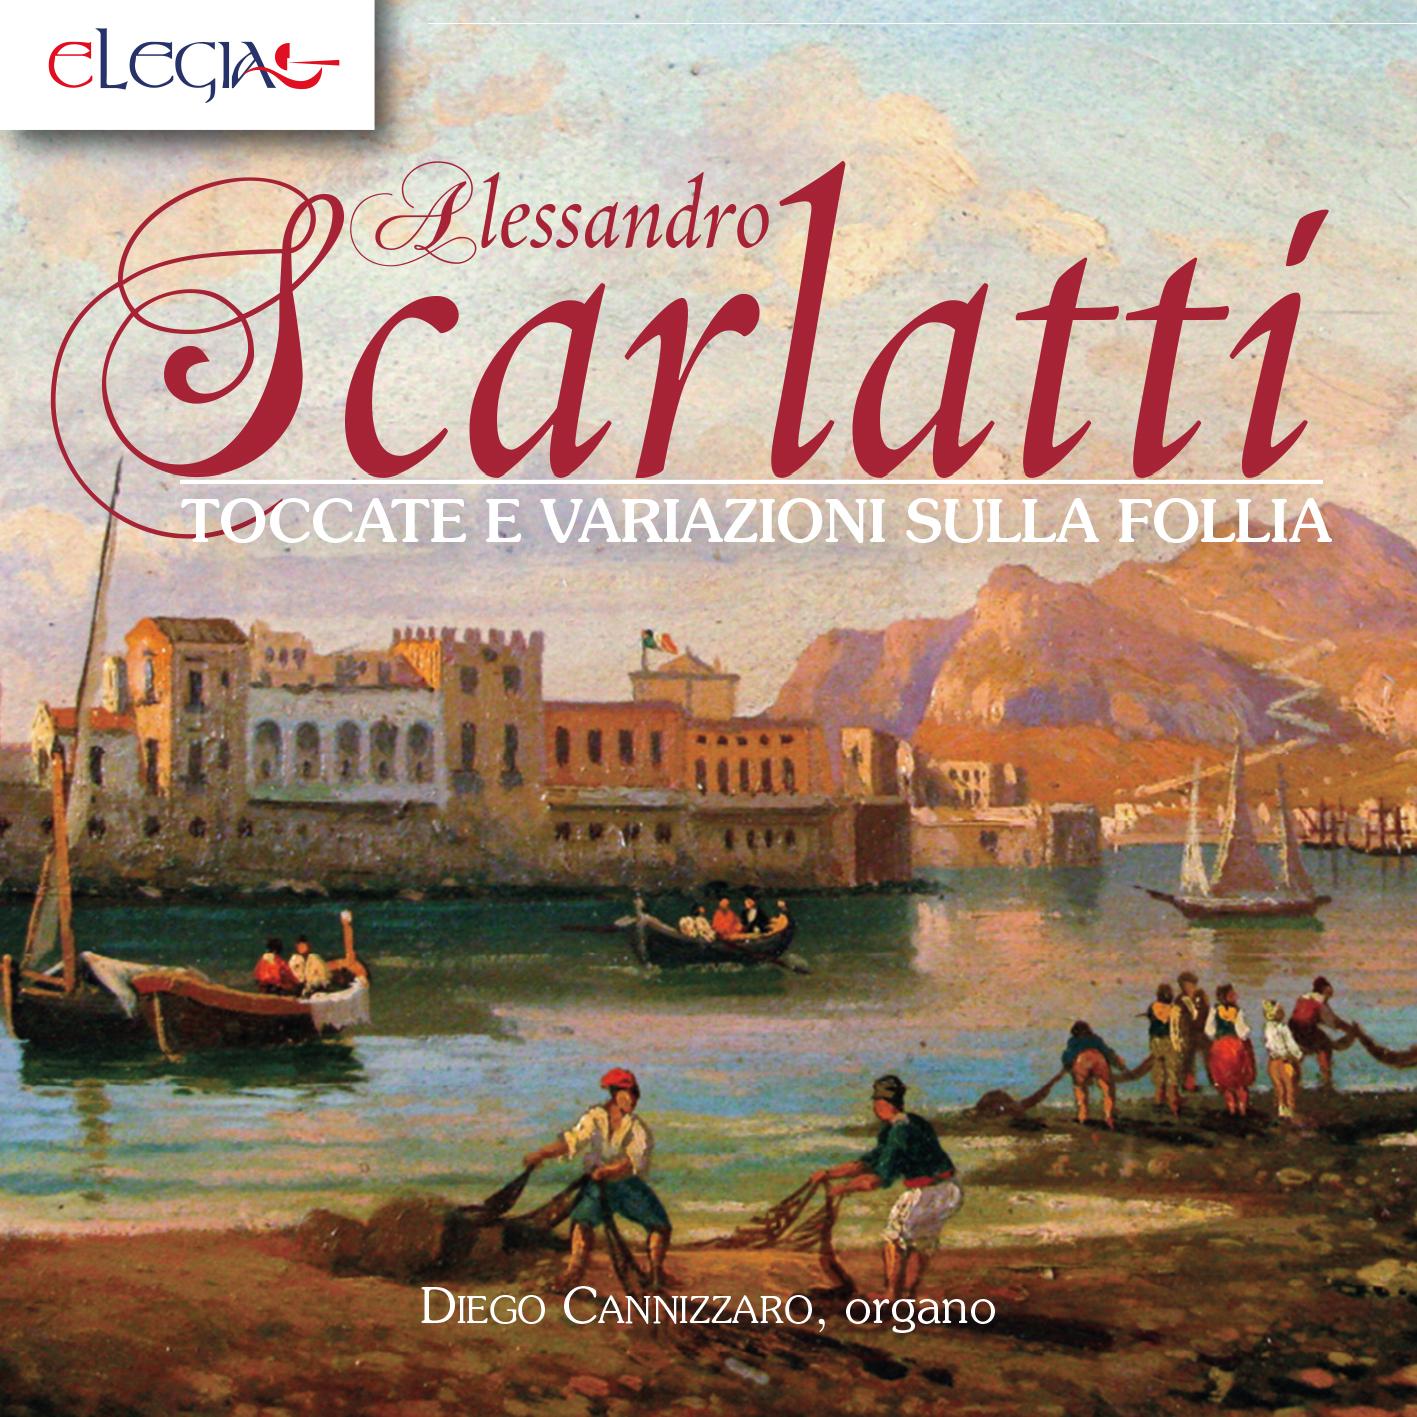 locandina NOT Off con Alessandro Scarlatti e Diego Cannizzaro